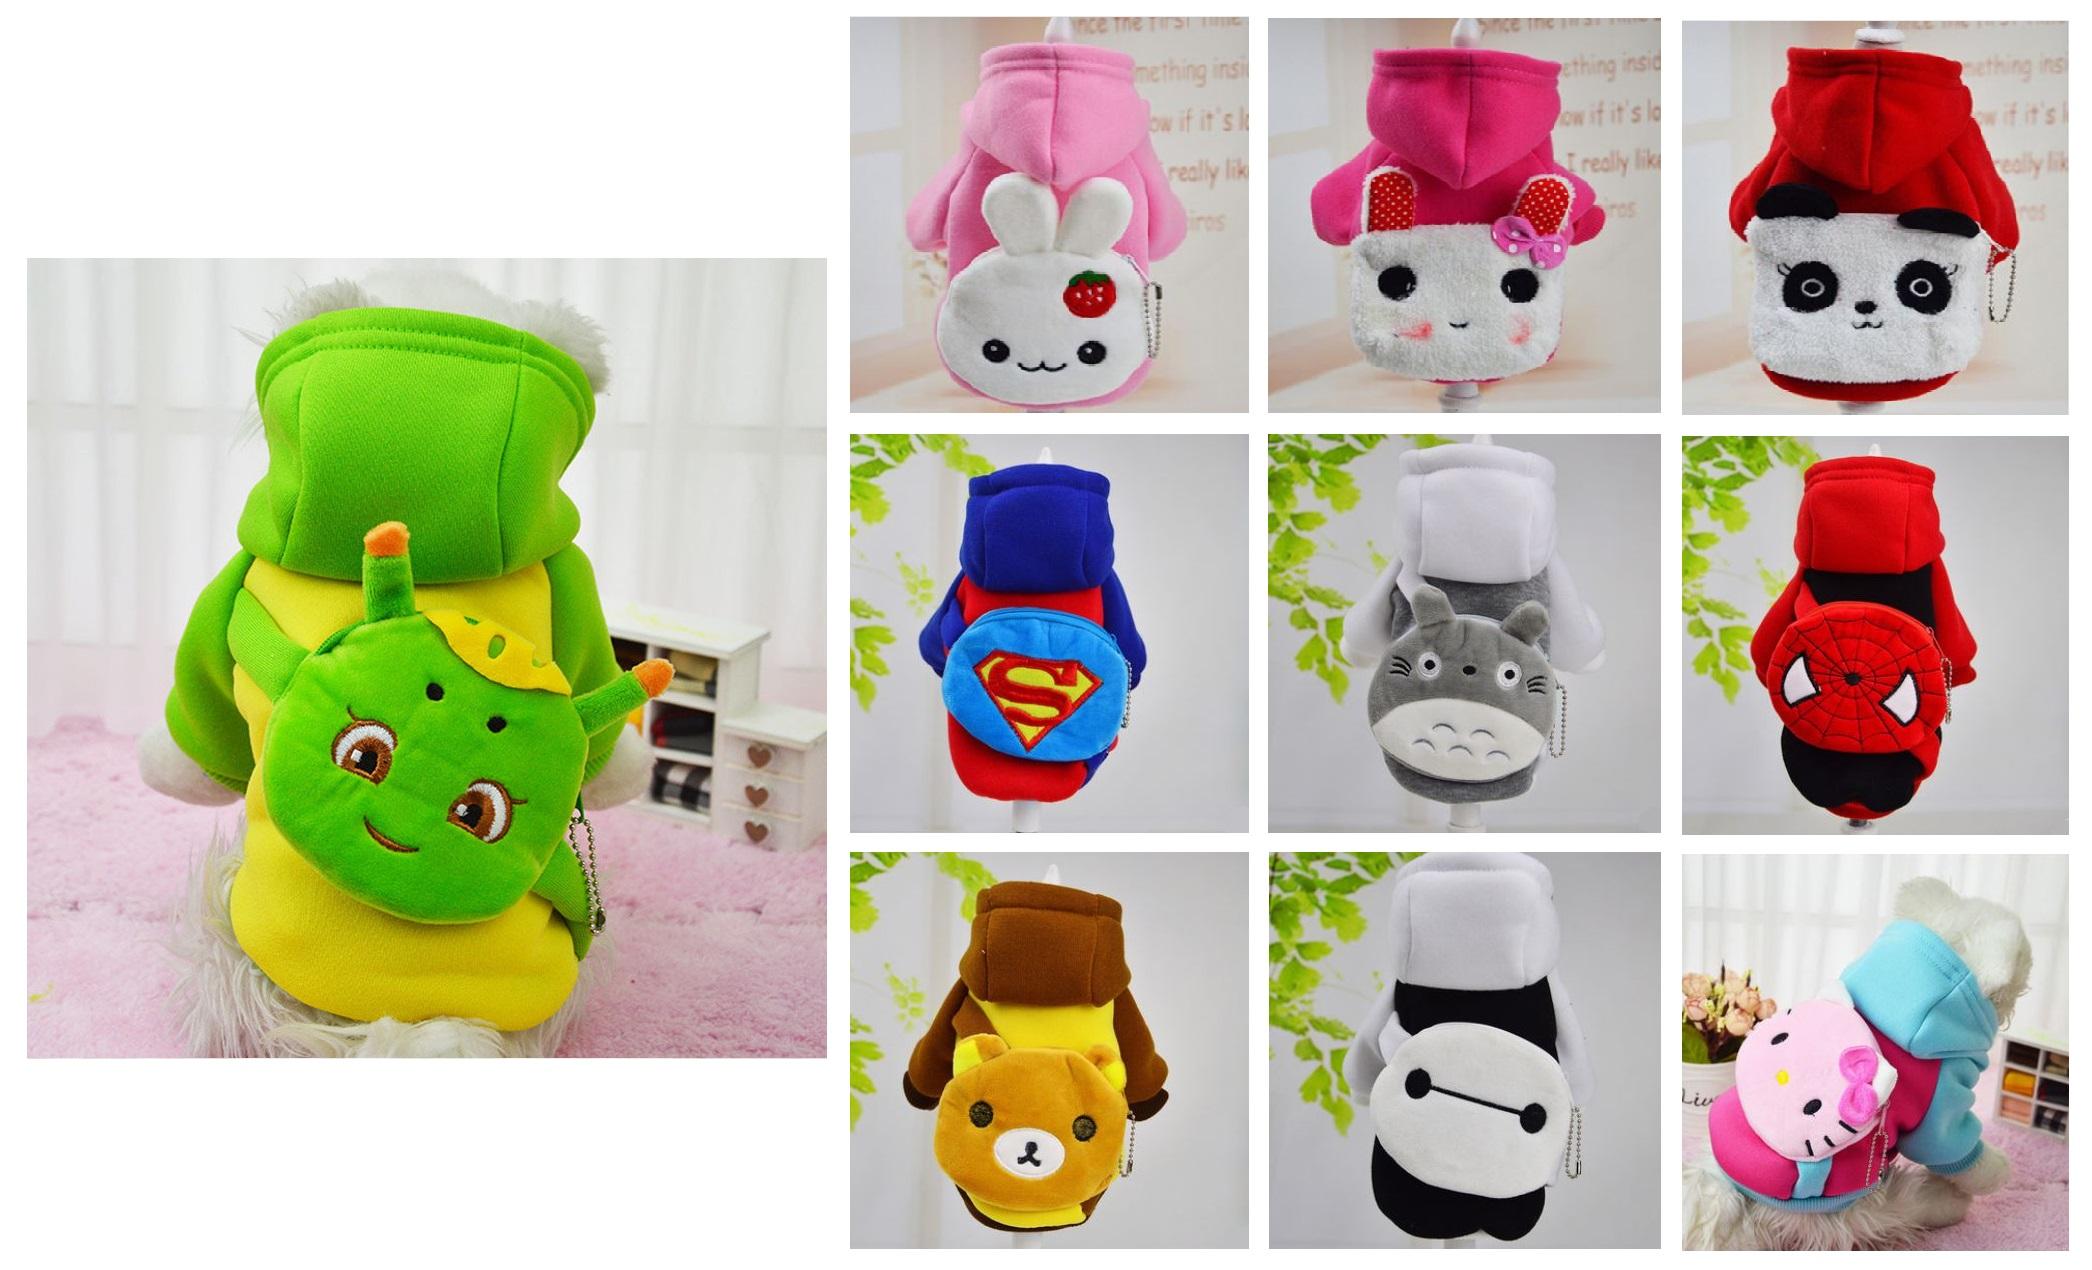 Obleček pro psy - Hello Kitty, Superman, Spiderman ...